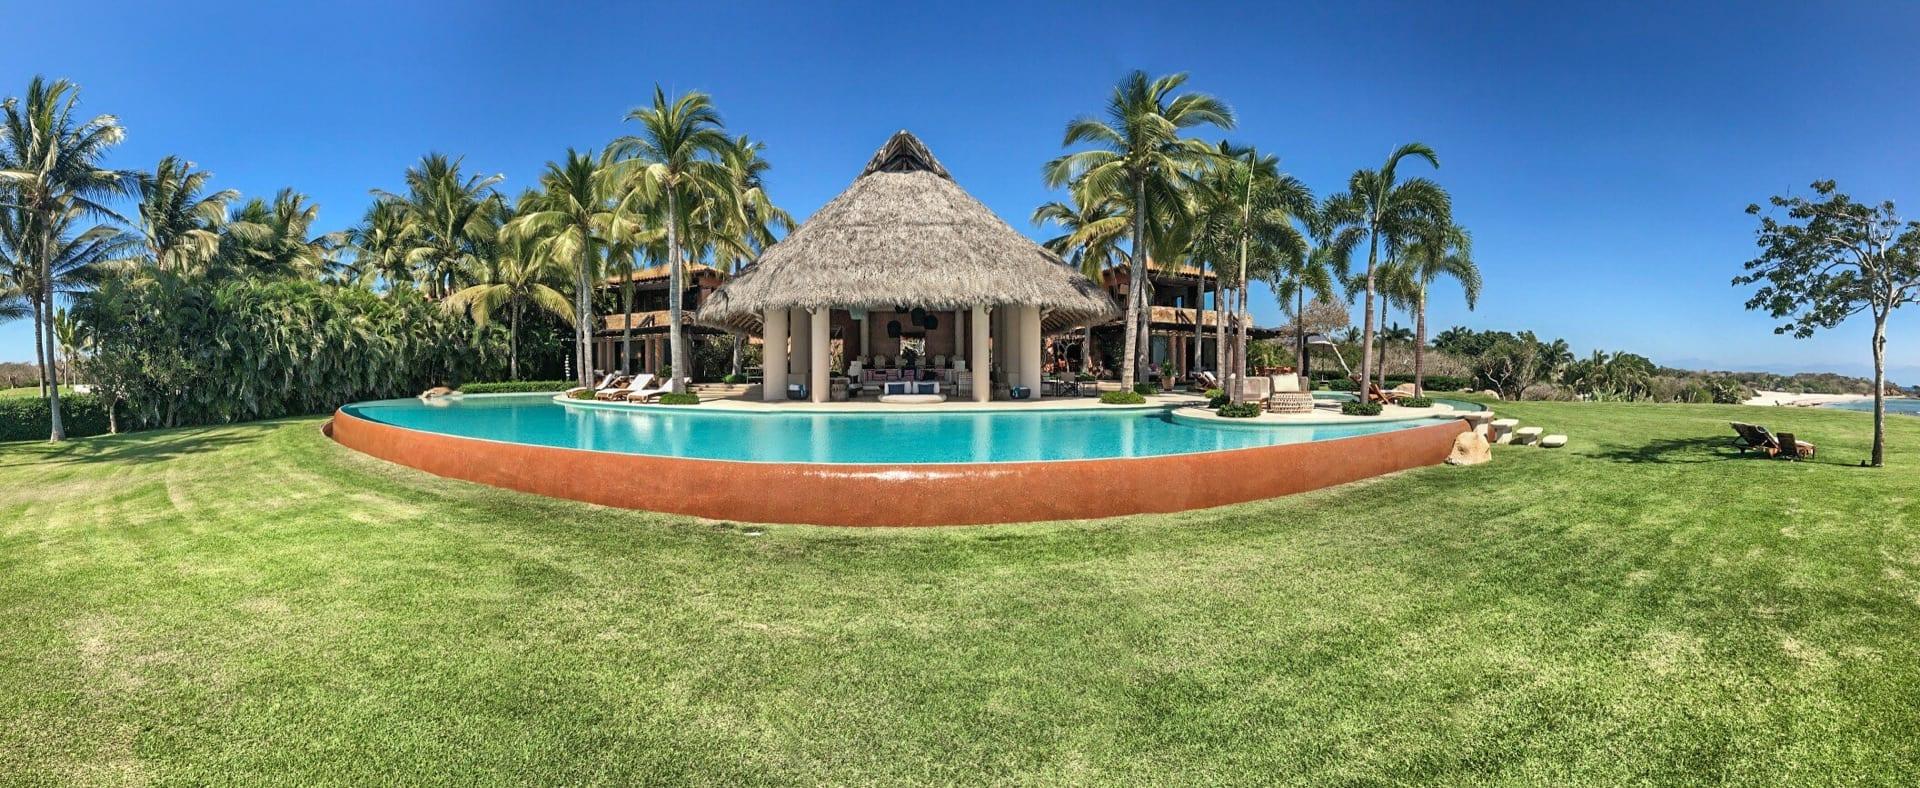 Villa La Vida Punta Mita Wide Angle